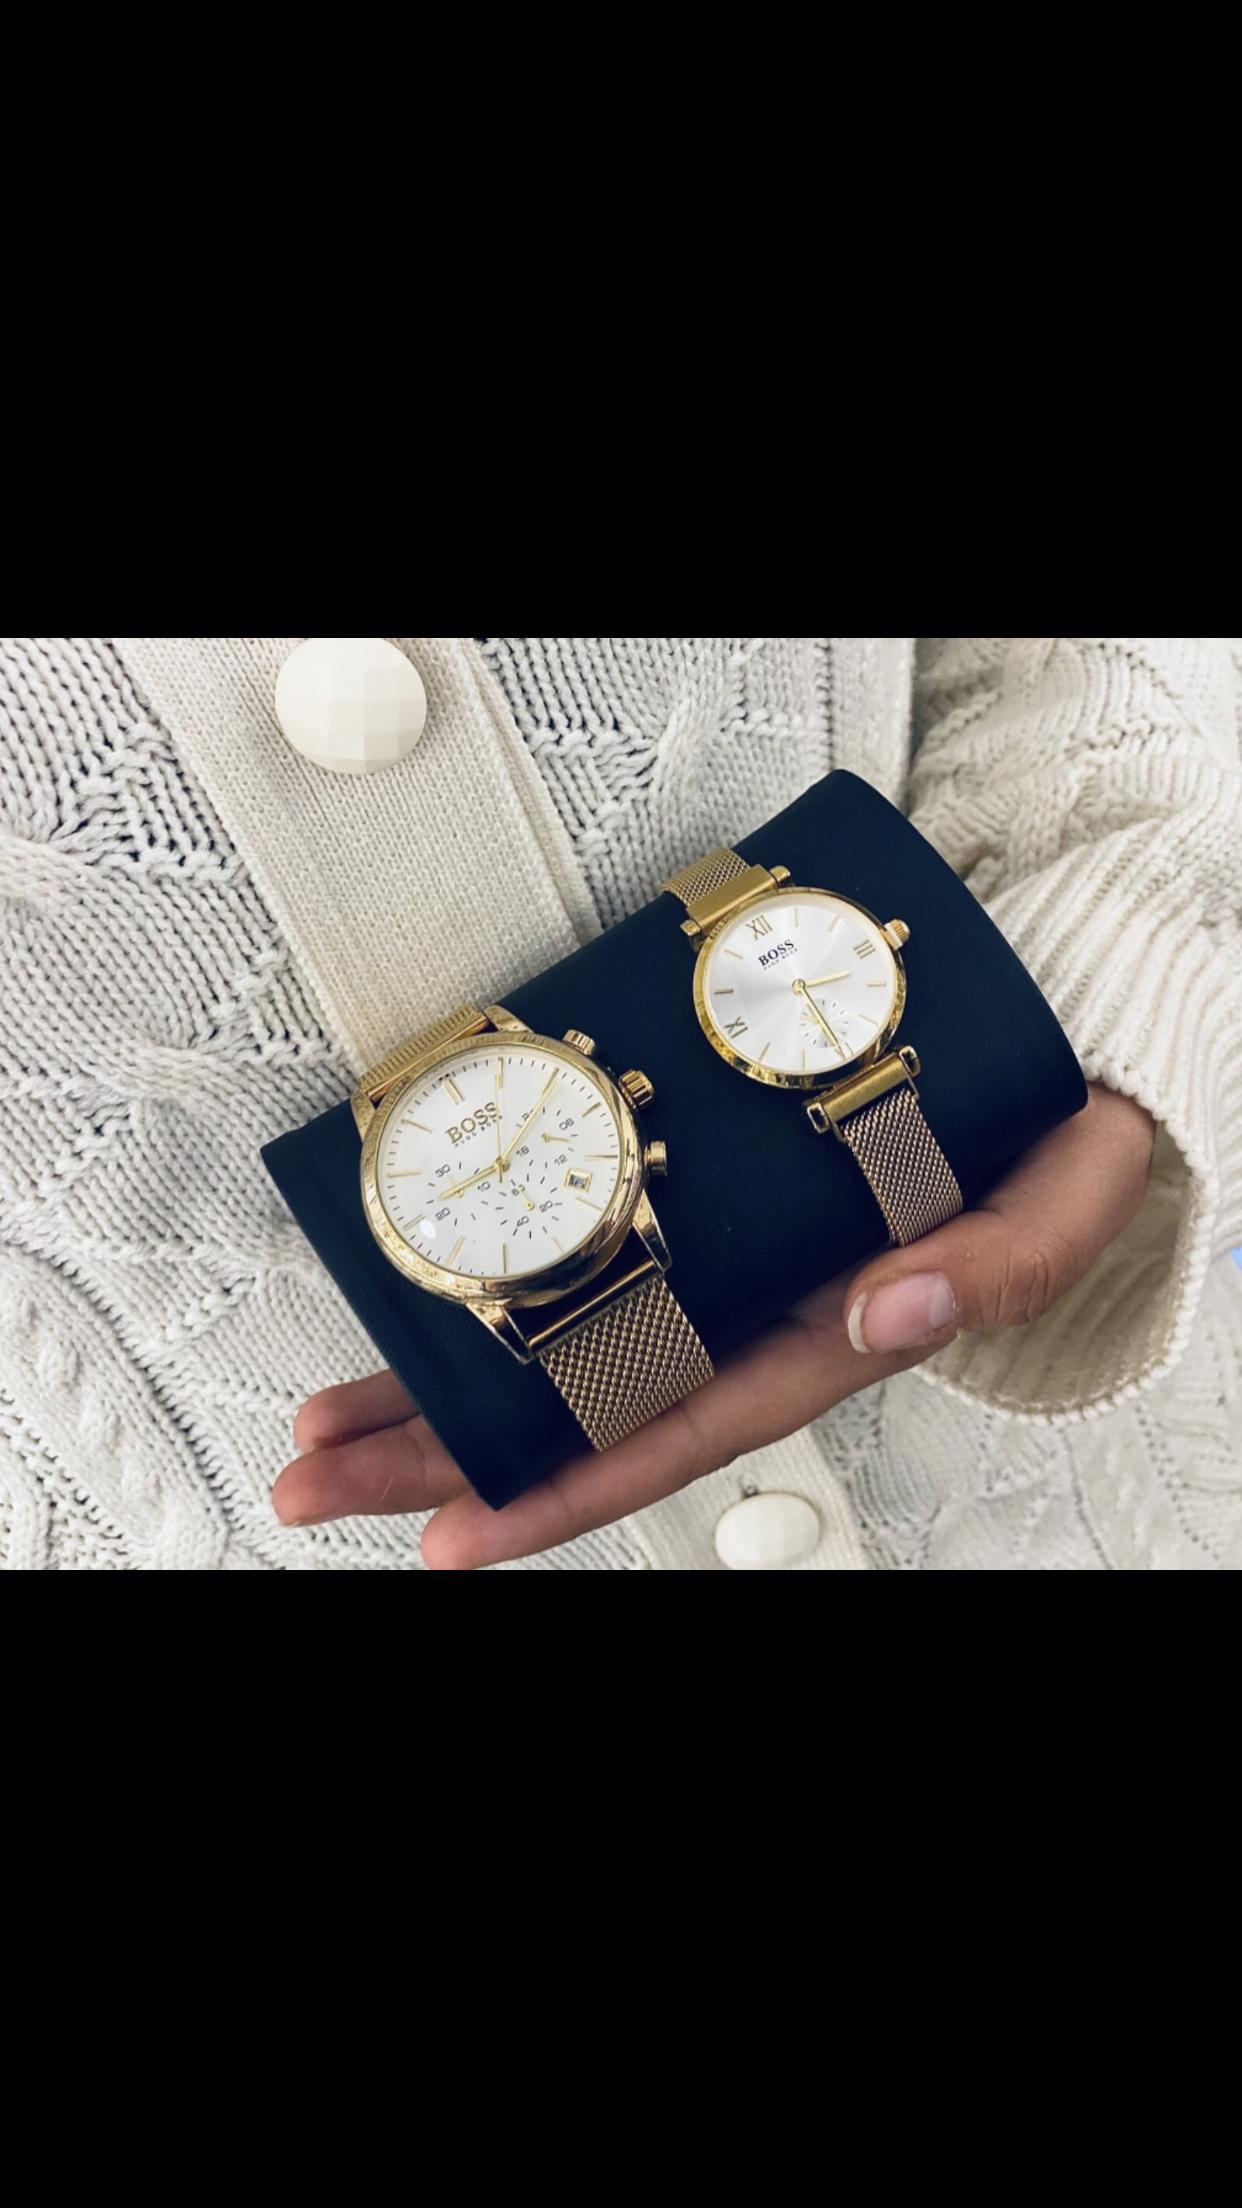 שעון גבר ואישה